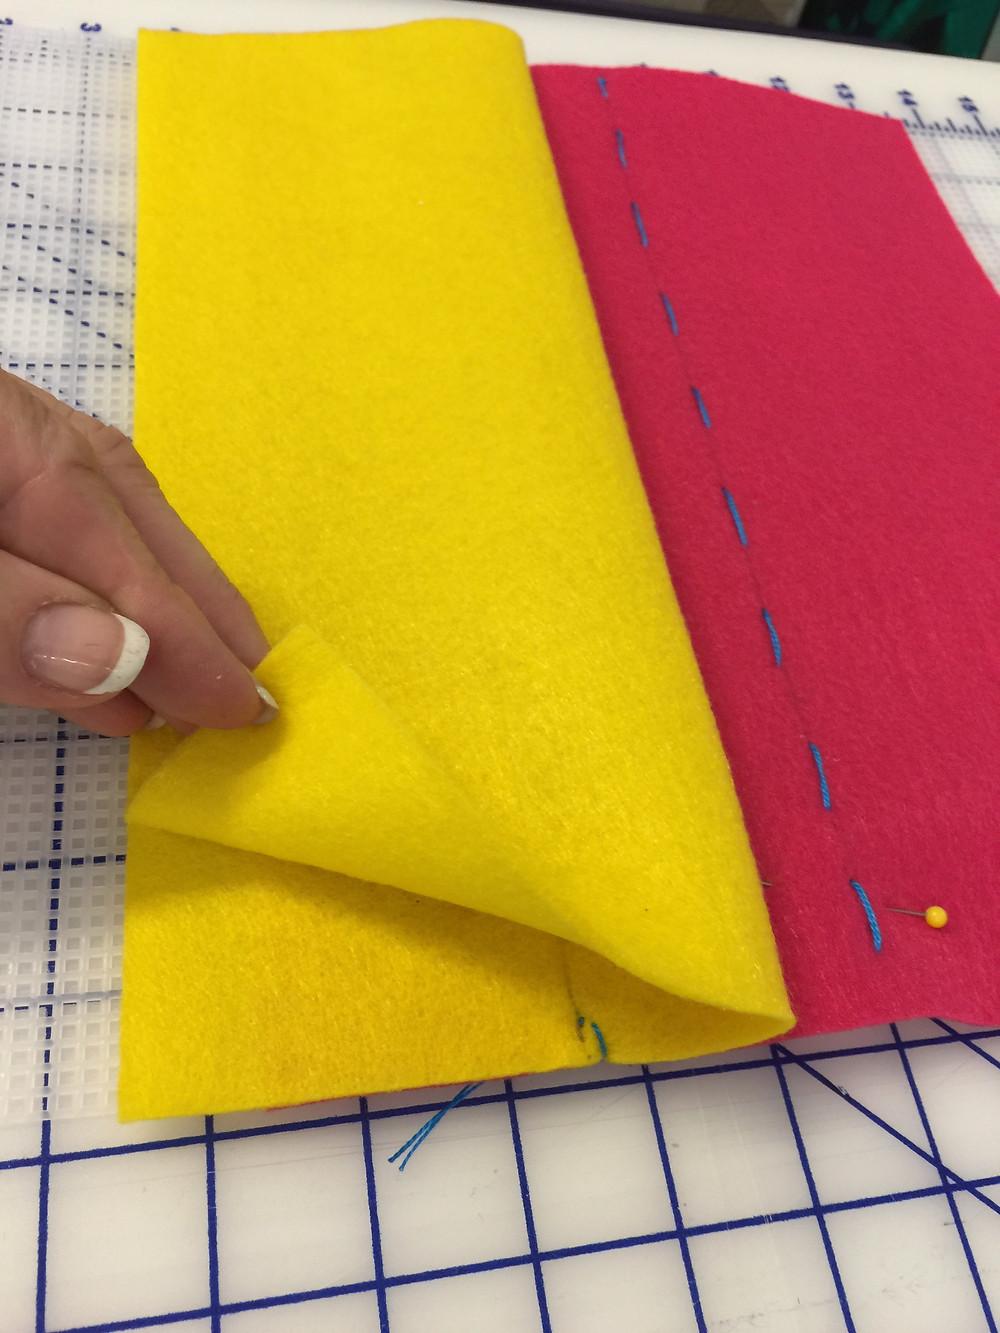 Folding Felt B so lower edges align.